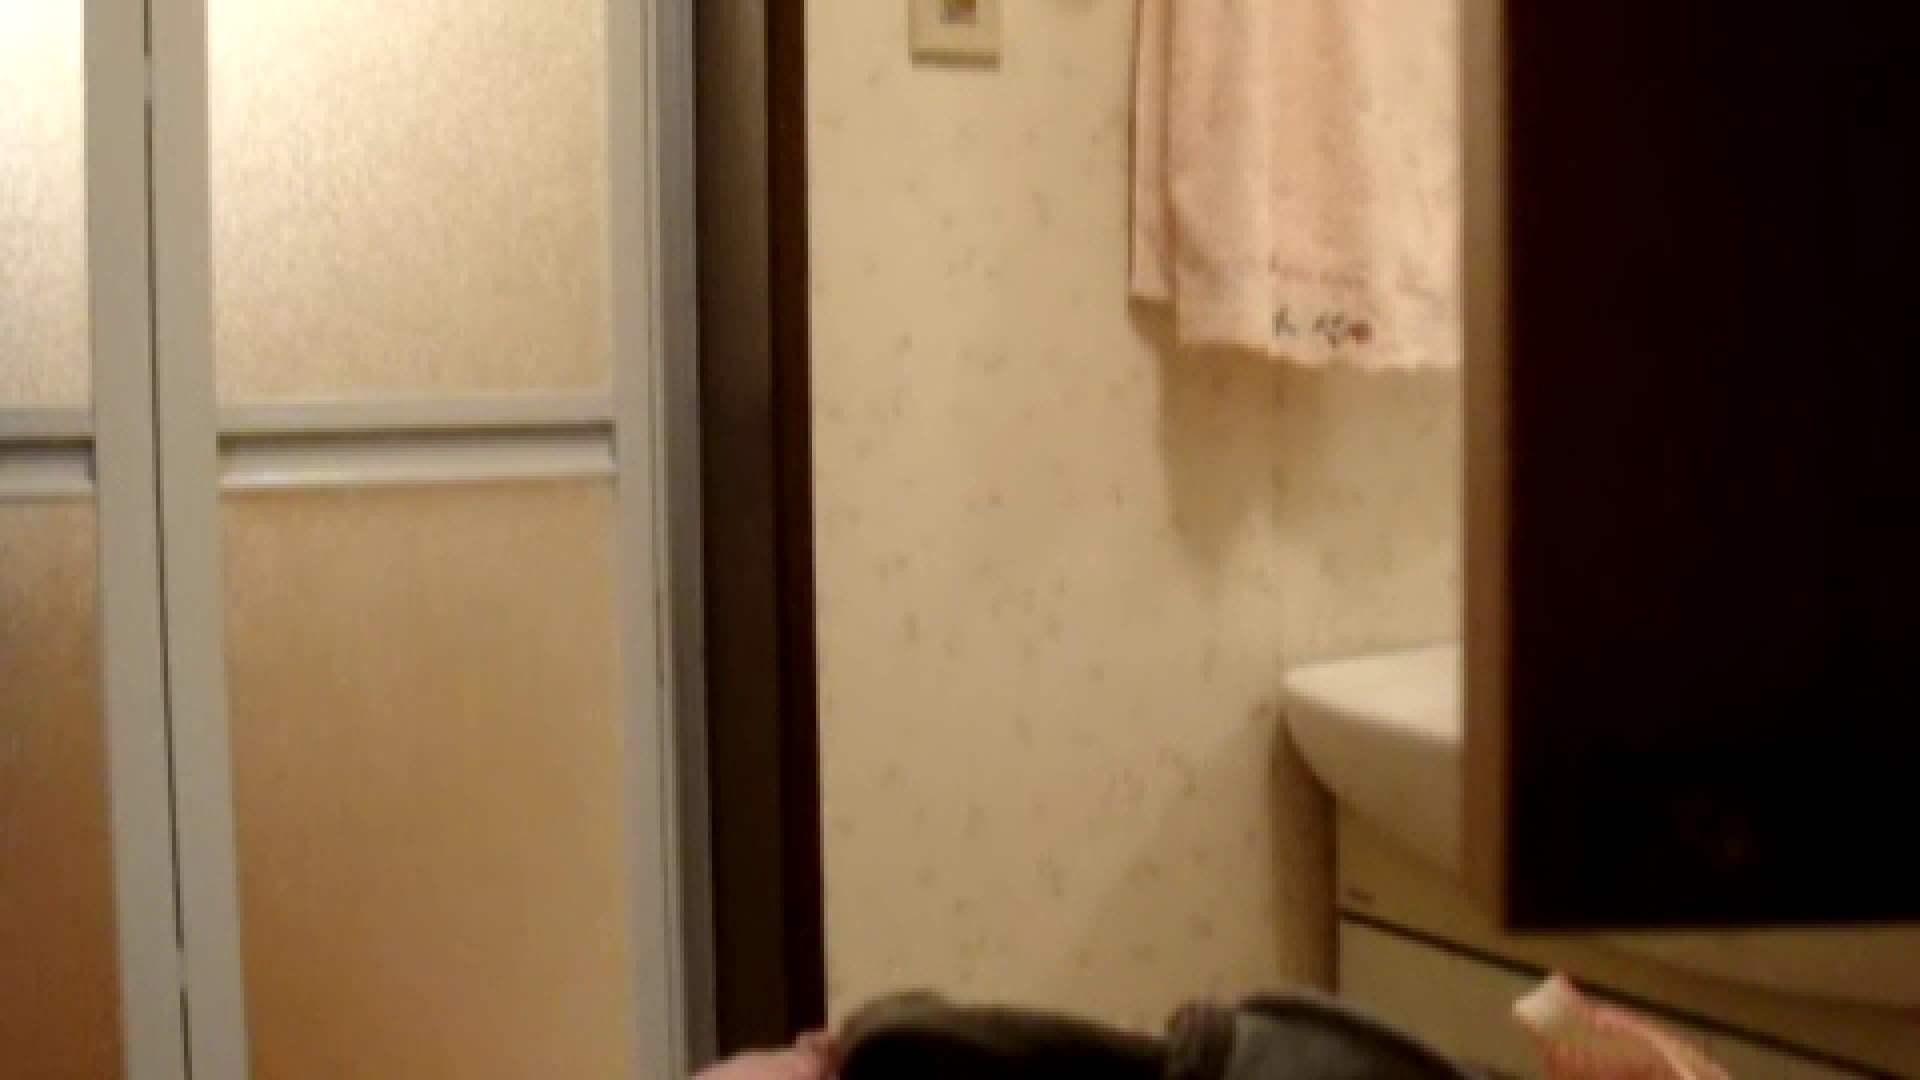 二人とも育てた甲斐がありました… vol.08 まどかの入浴中にカメラに気付いたか!? OLのエロ生活   ギャル入浴  71連発 33